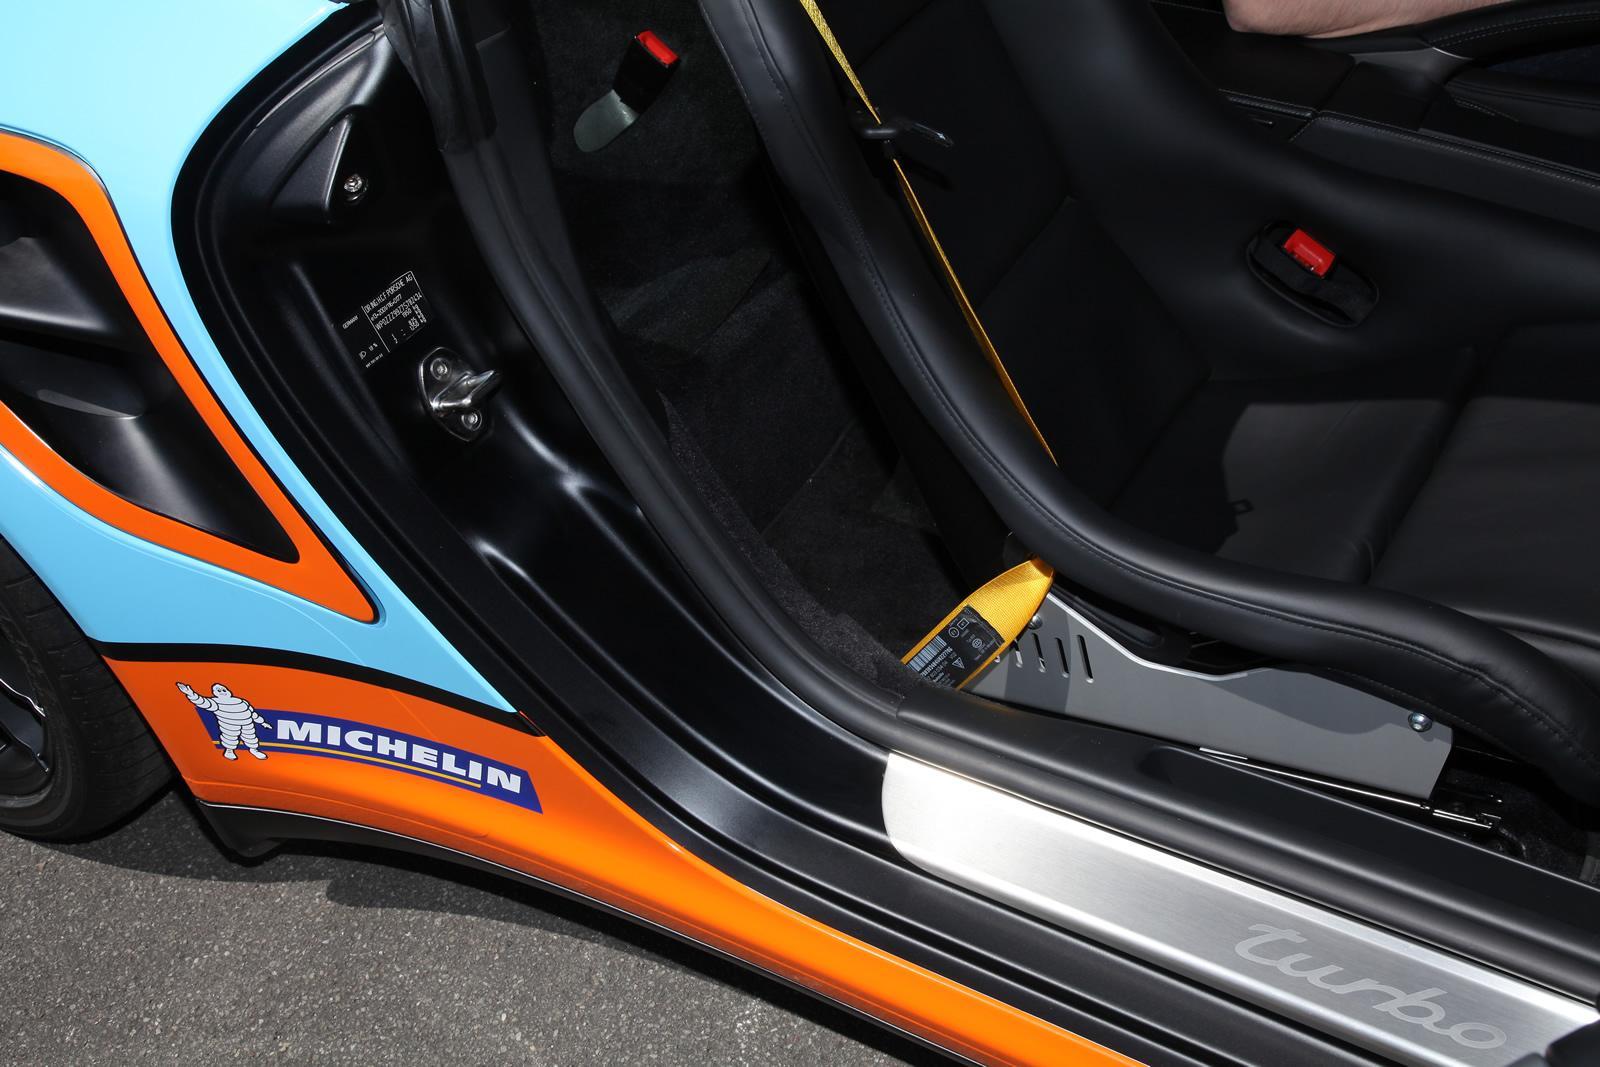 porsche-911-turbo-ma-cam-shaft-7